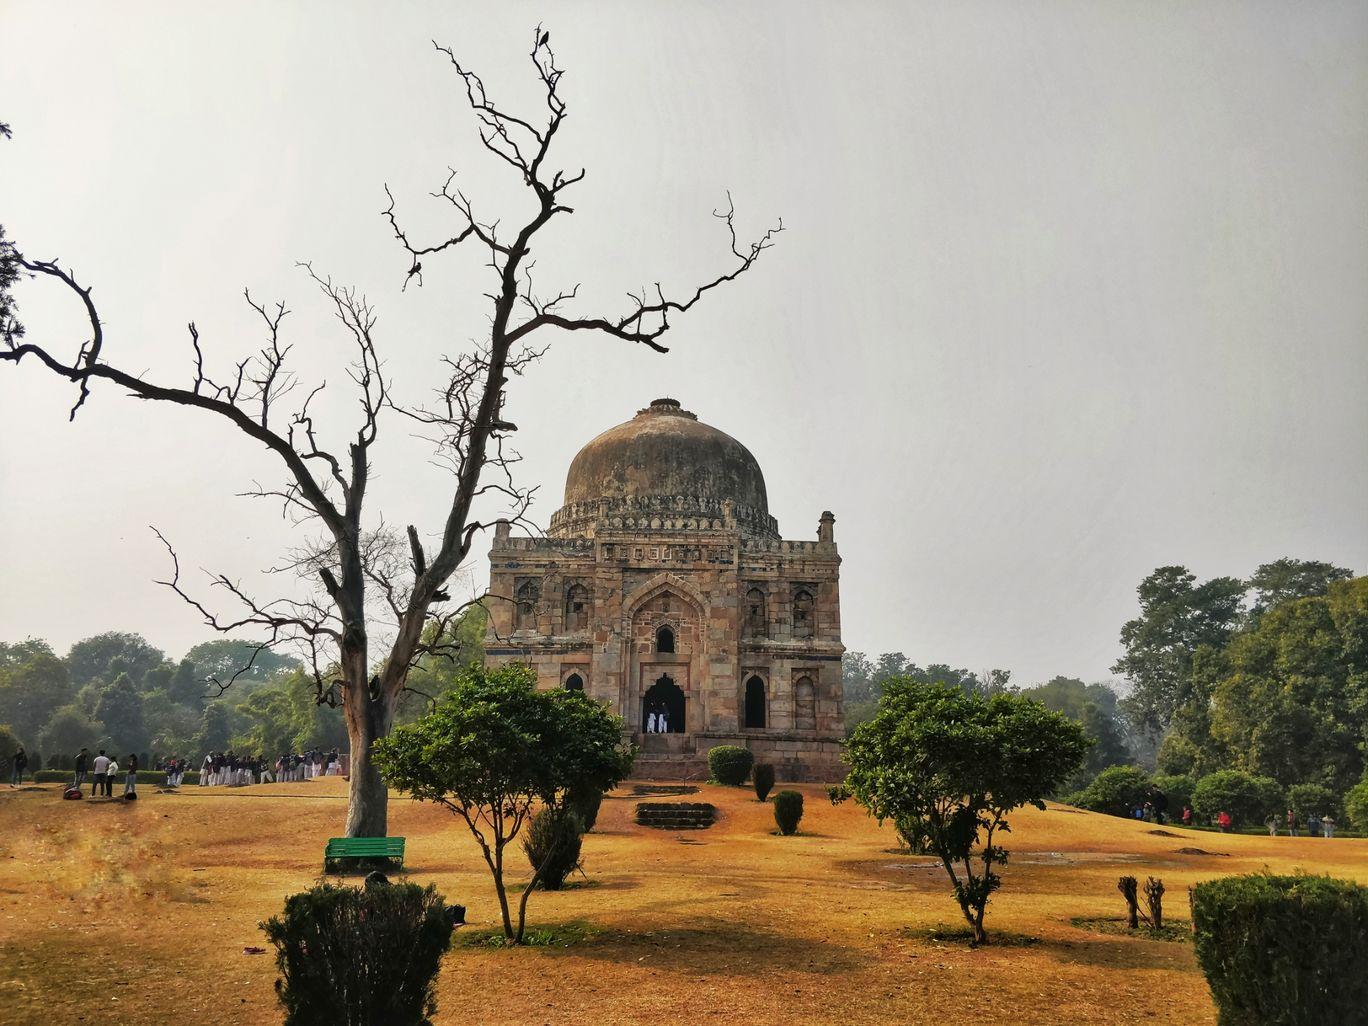 Photo of Lodhi Gardens By Praneeth Gatreddy